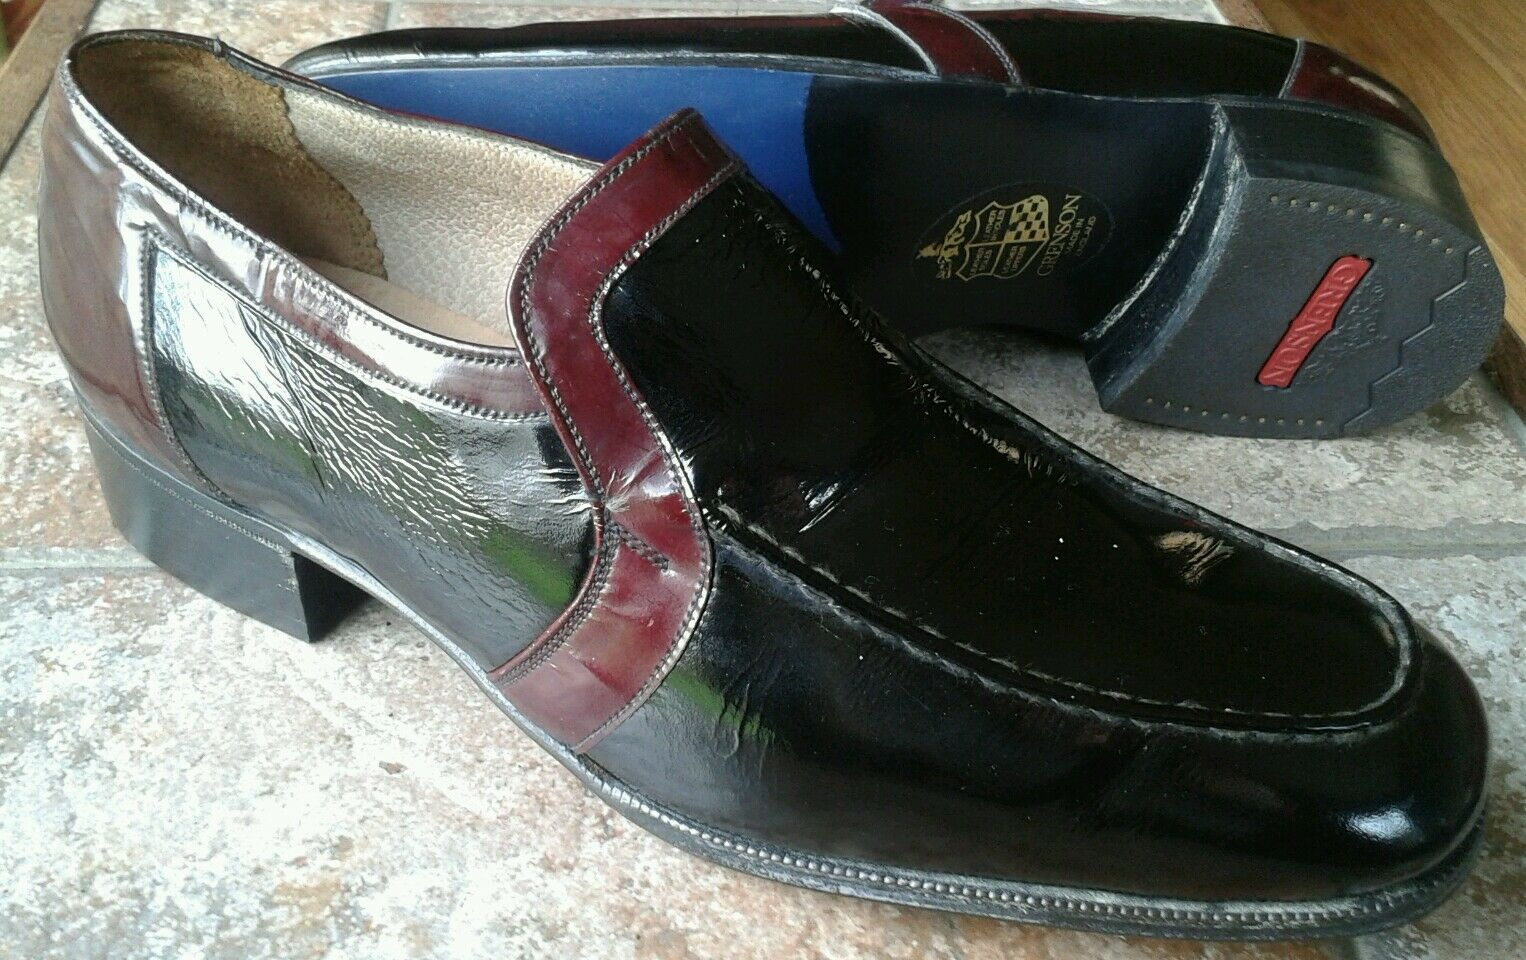 Zapatos de Cuero Grenson Top Gallants Hecho a Mano Negro y Borgoña UK Talla 8